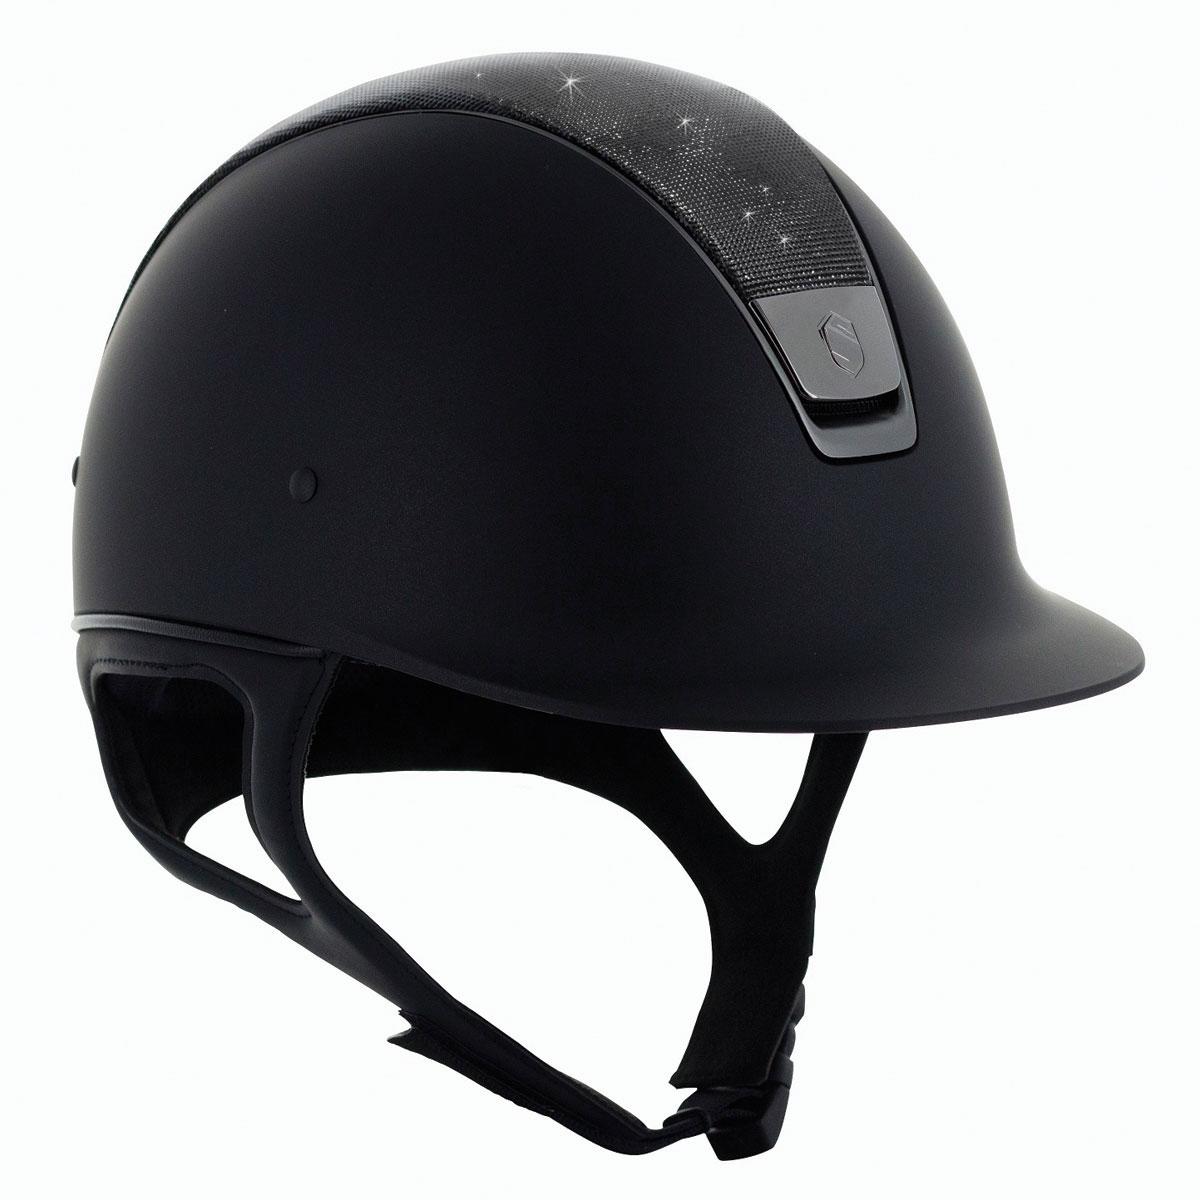 Samshield Shadow Matt Shimmer Leather Top Helmet